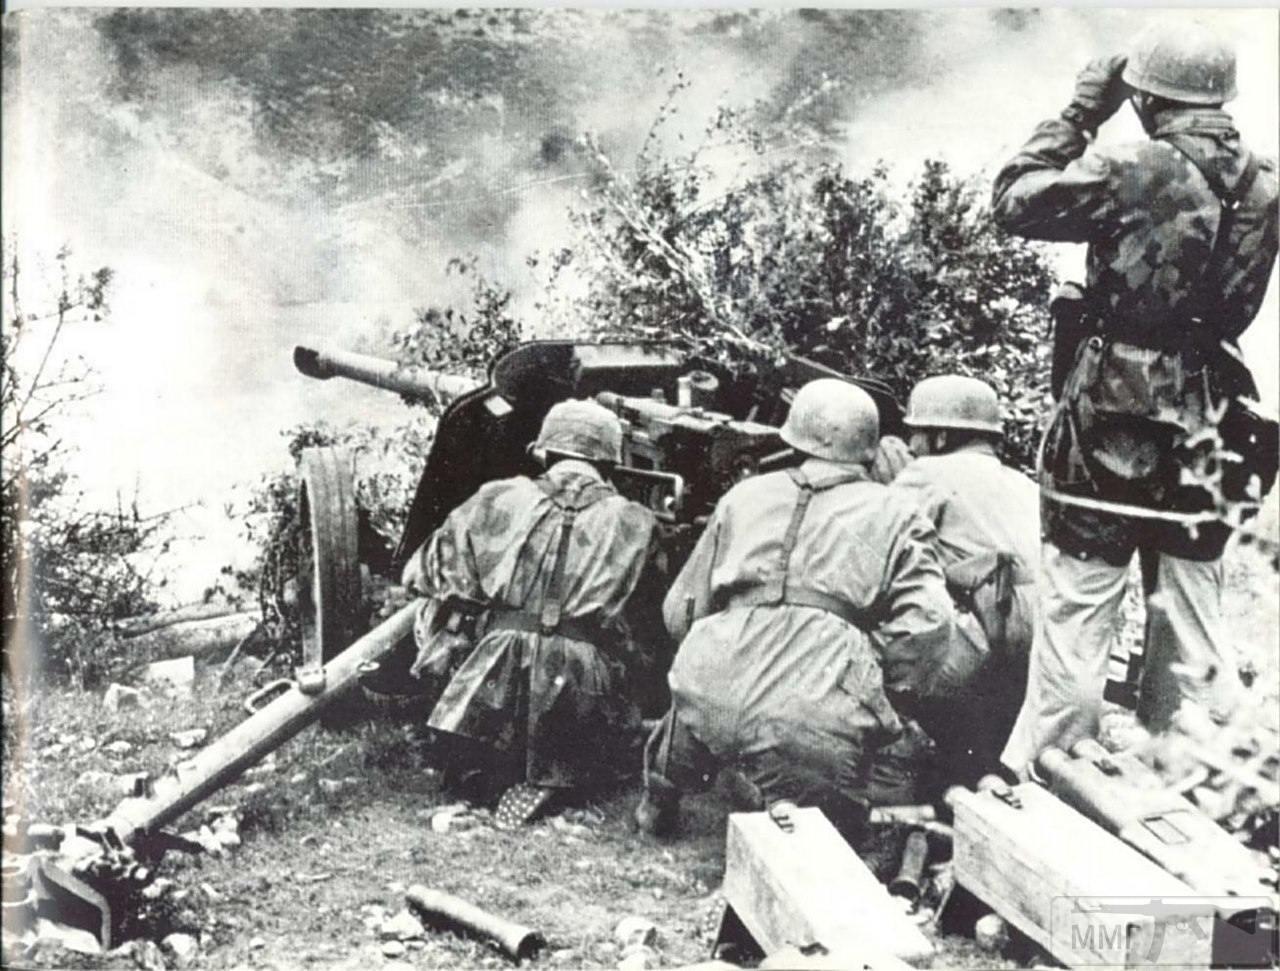 14201 - Расчет немецкой 50-мм противотанковой пушки PaK 38 в бою в Италии. 1944 год.